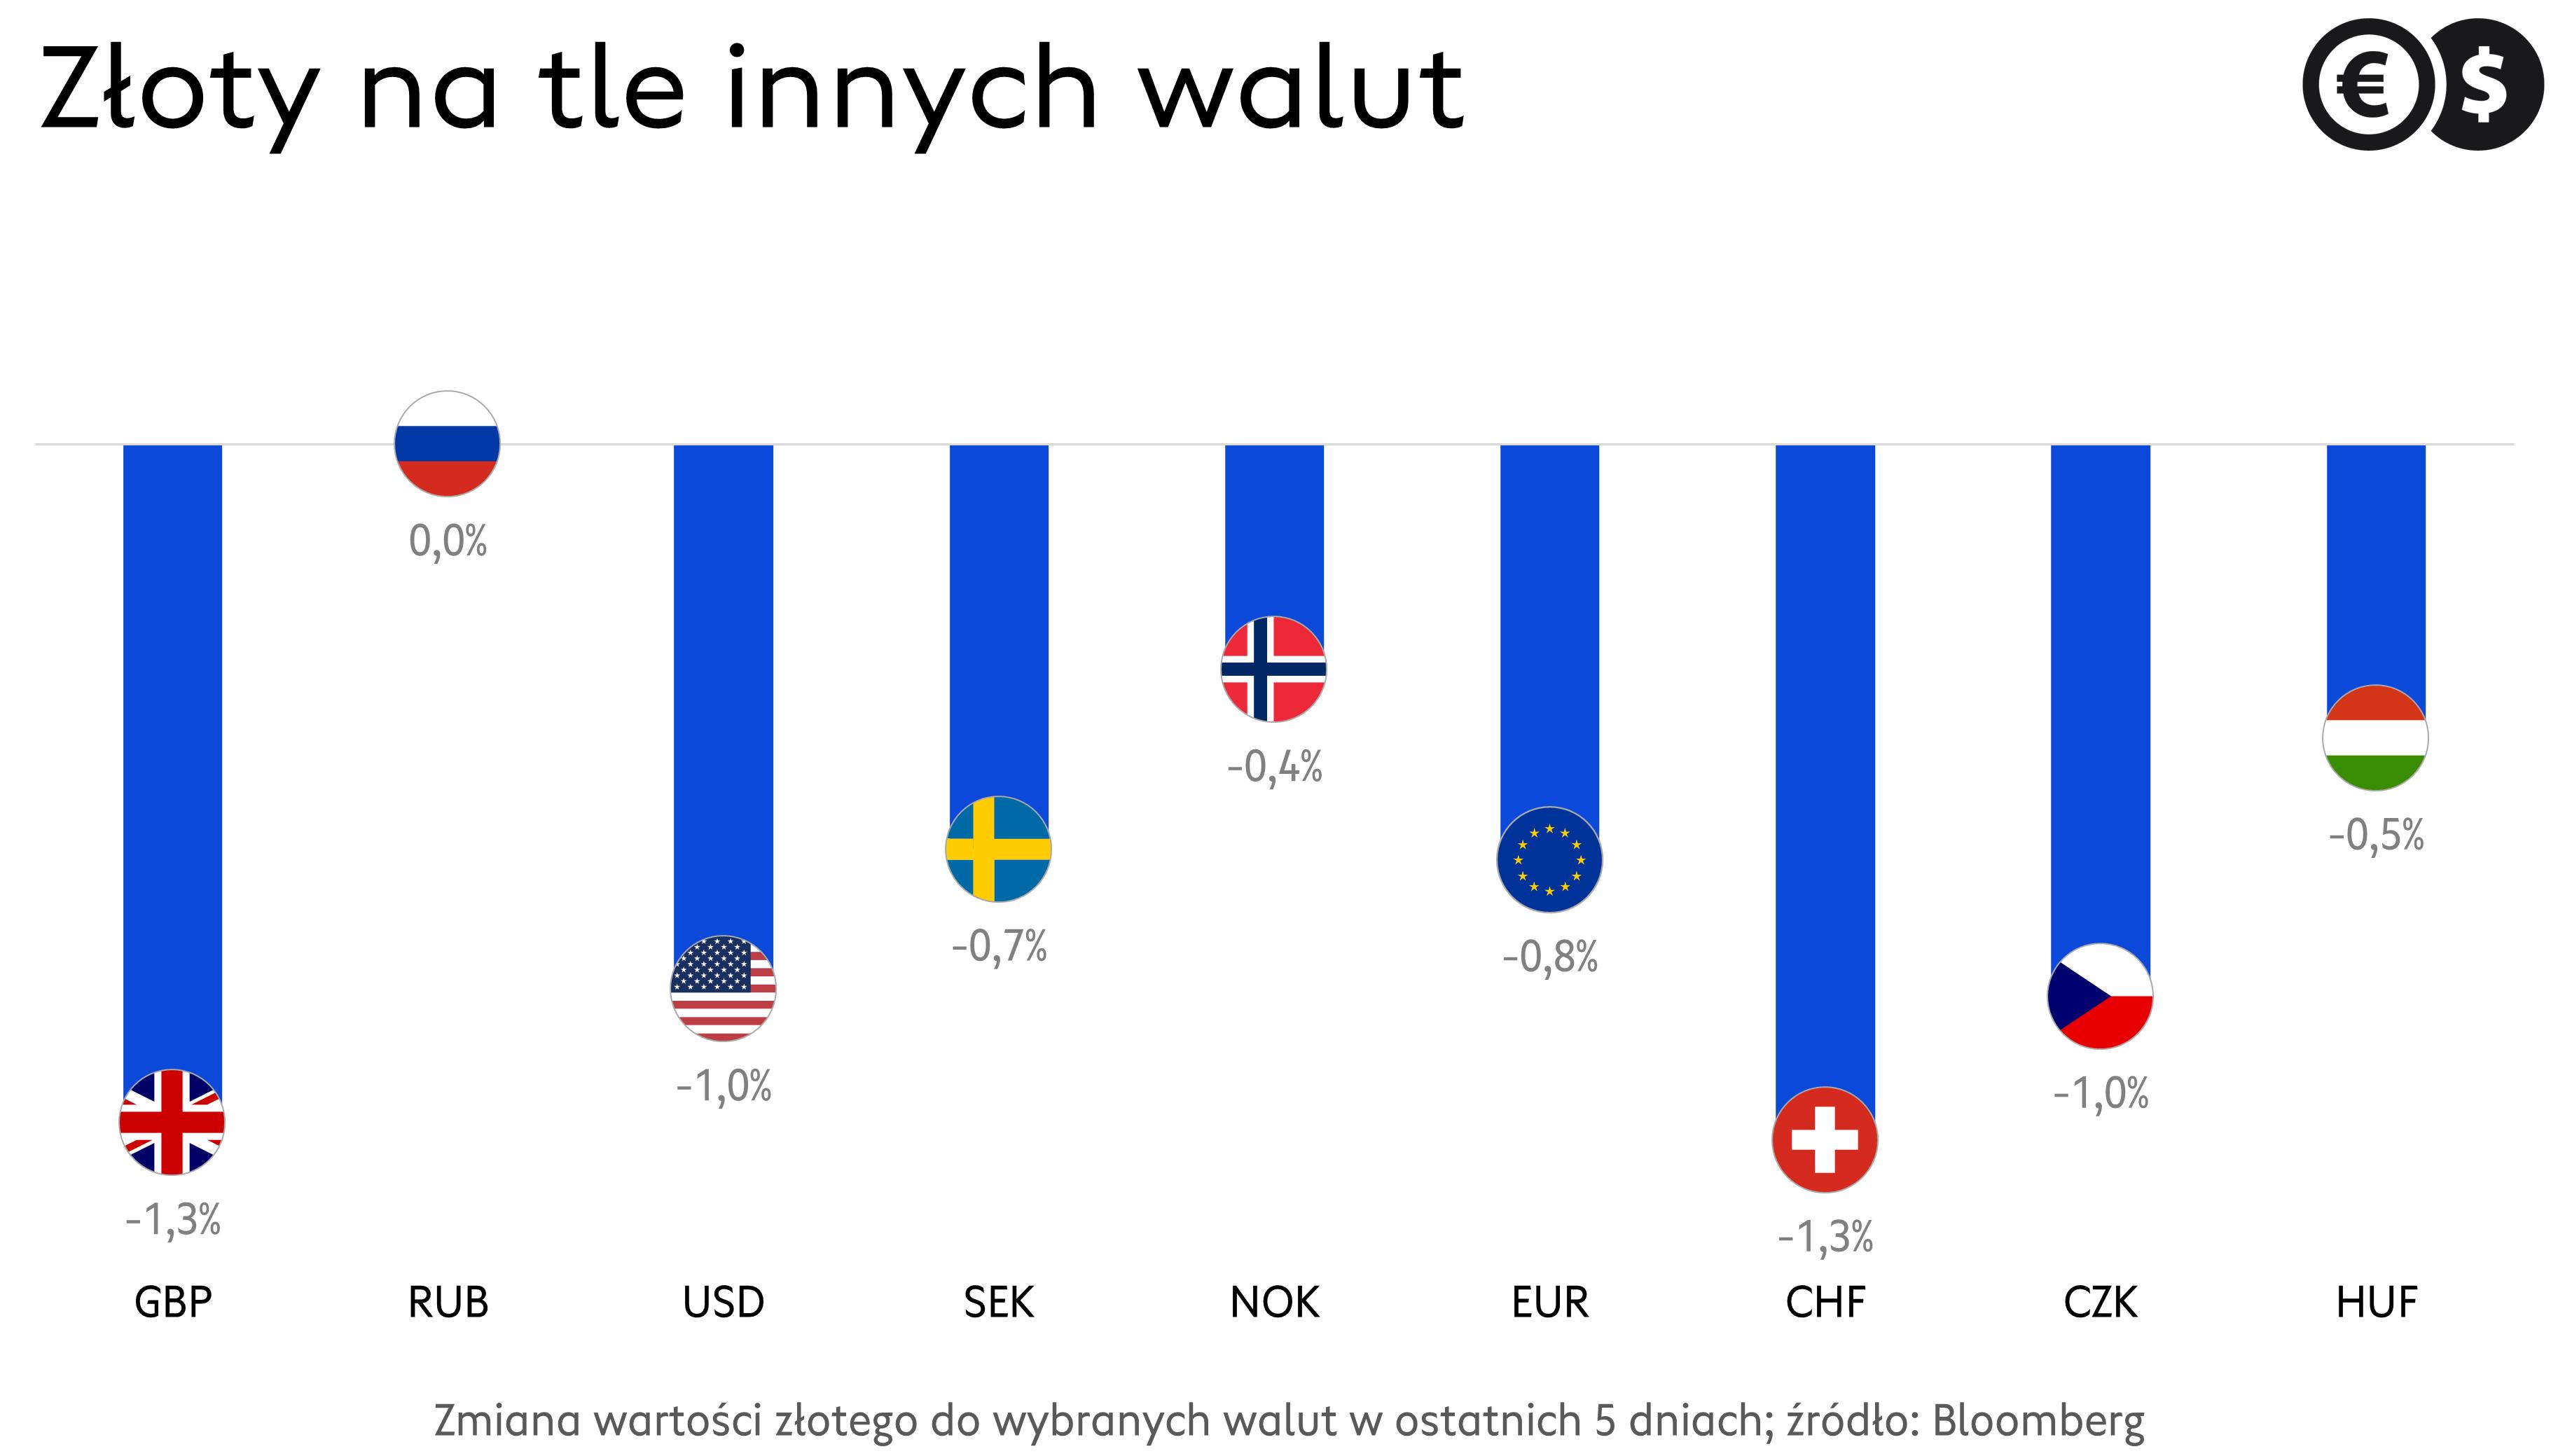 Kursy walut: tygodniowe stopy zwrotu kursu euro, dolara, funta i innych; źródło: Bloomberg